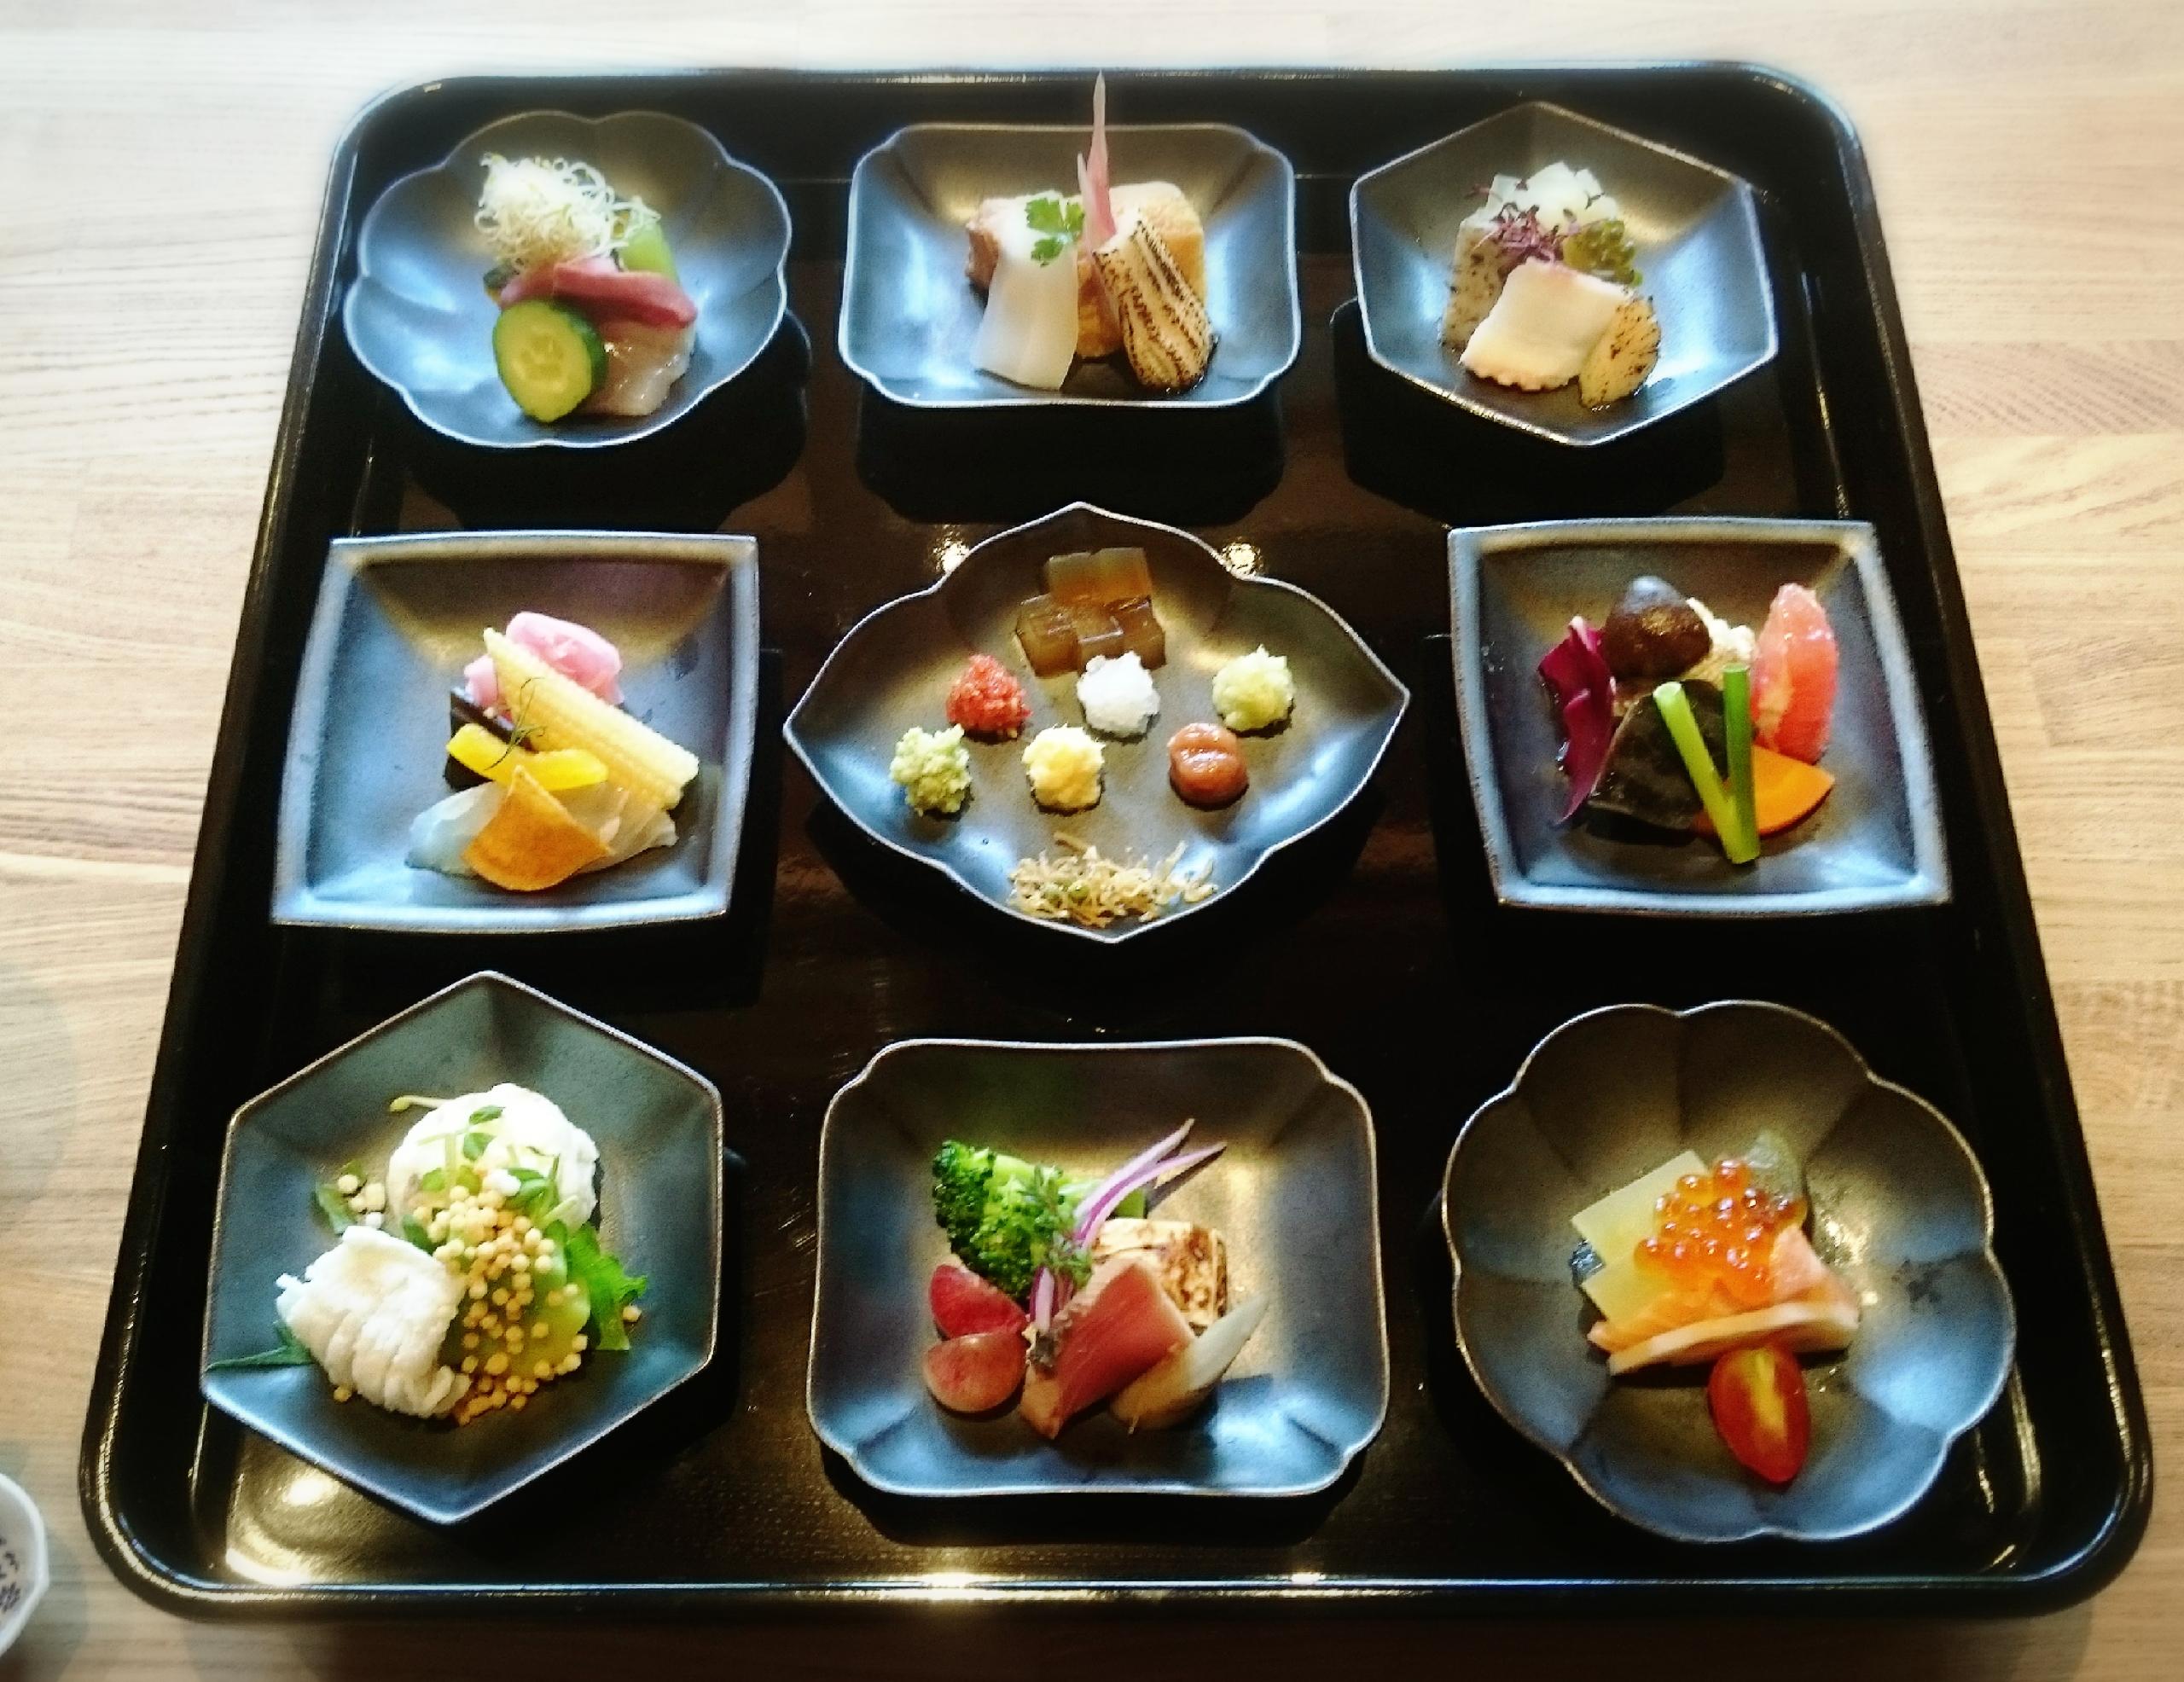 見て楽しい♪食べて美味しい♪京都で味わう手和え寿し『AWOMB』